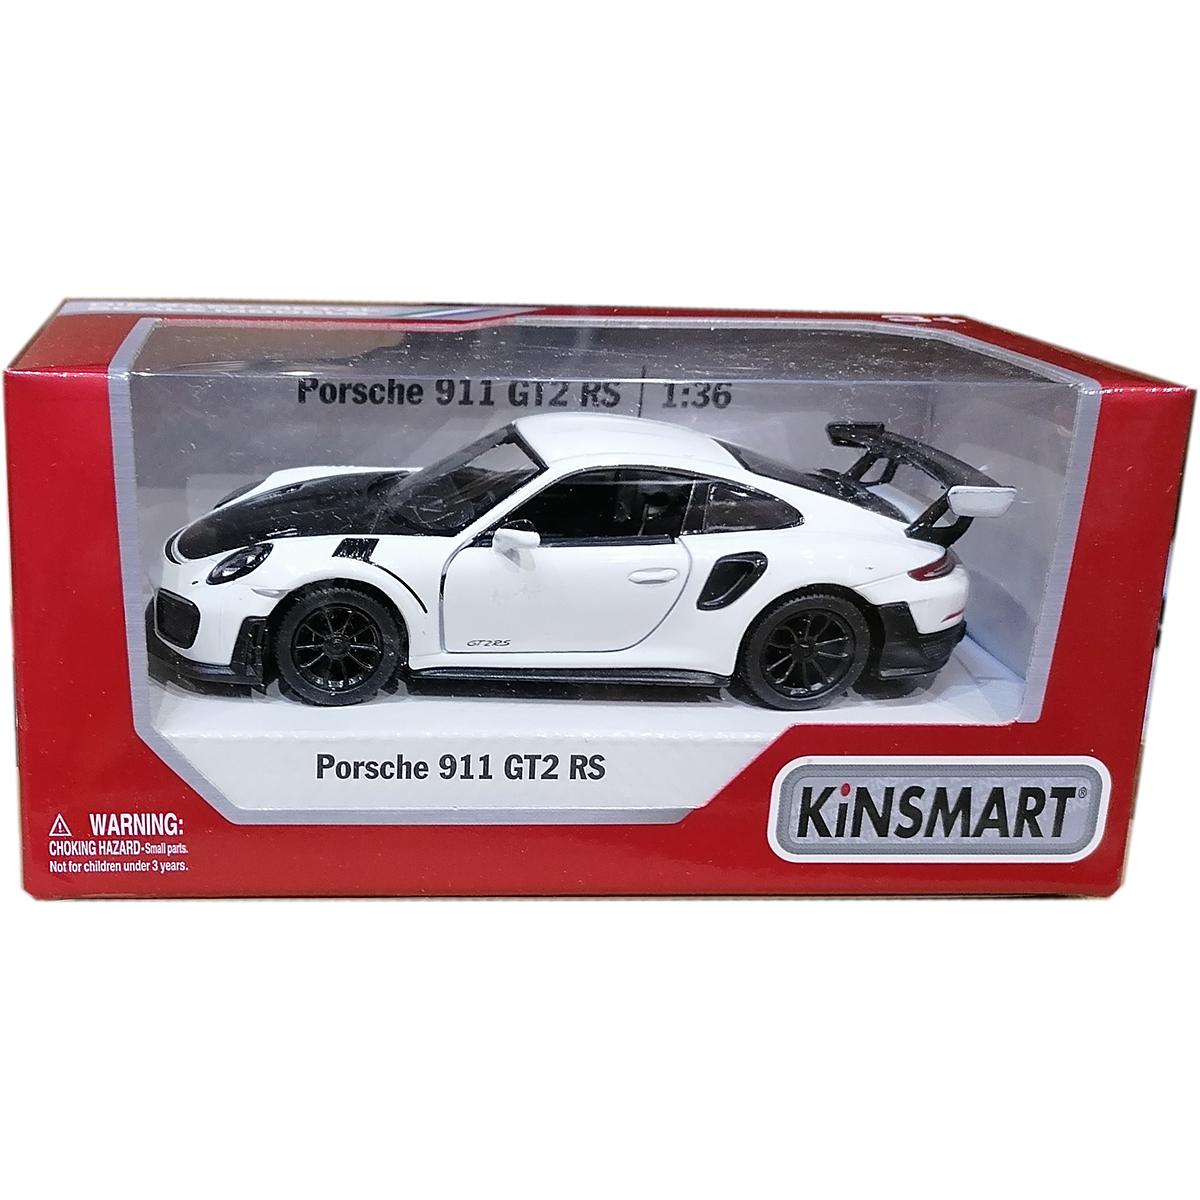 Masinuta din metal Kinsmart, Porsche 911 GT2 RS, Alb